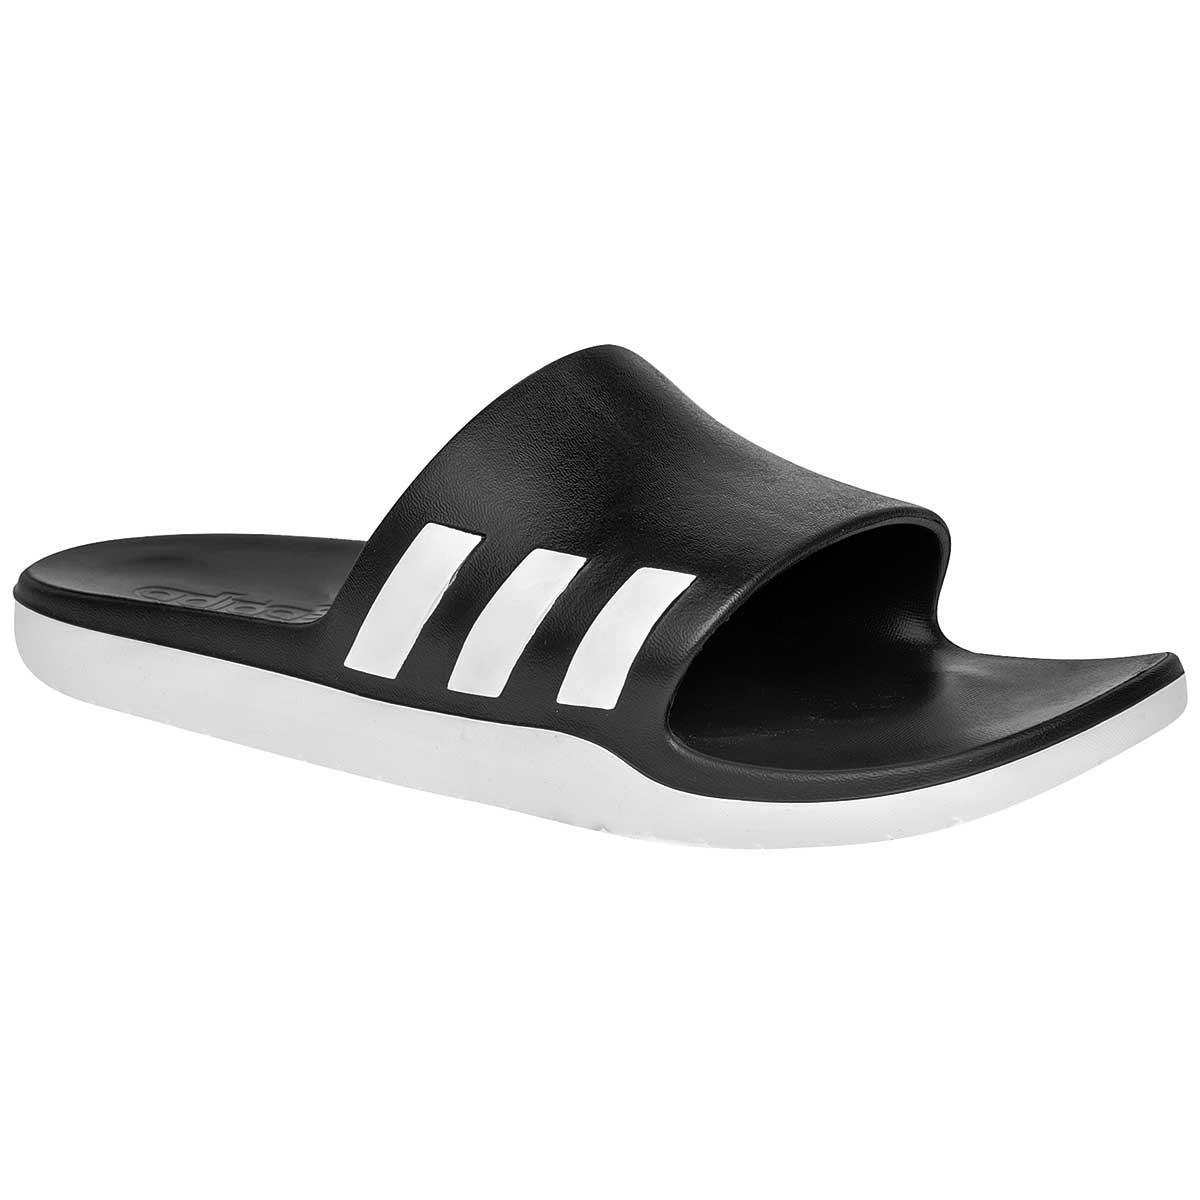 adidas. Men's Black Aqualette Cloudfoam Slides ...